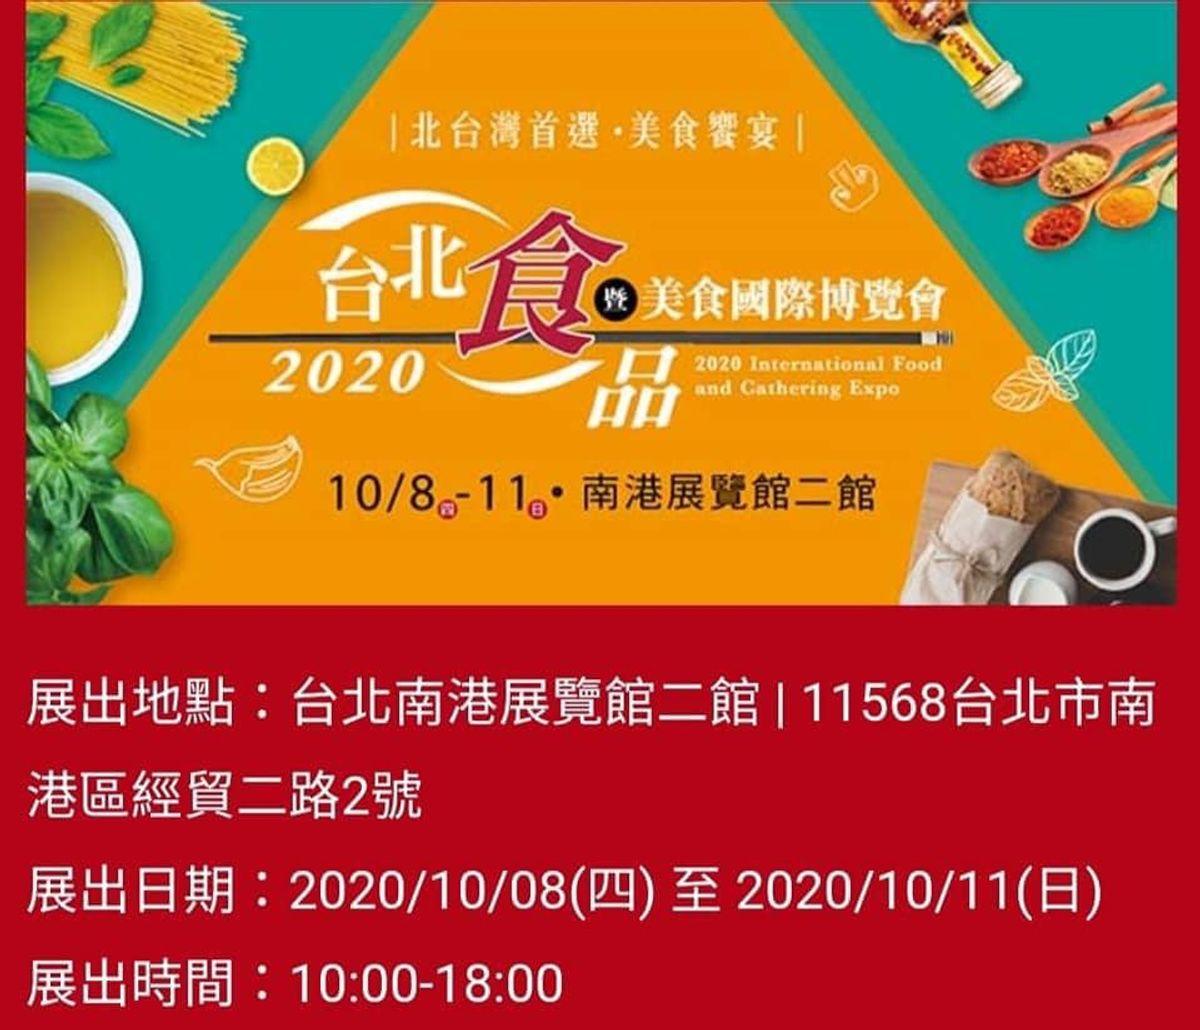 台北國際食品博覽會  2020/10/08(四) 至 2020/10/11(日)